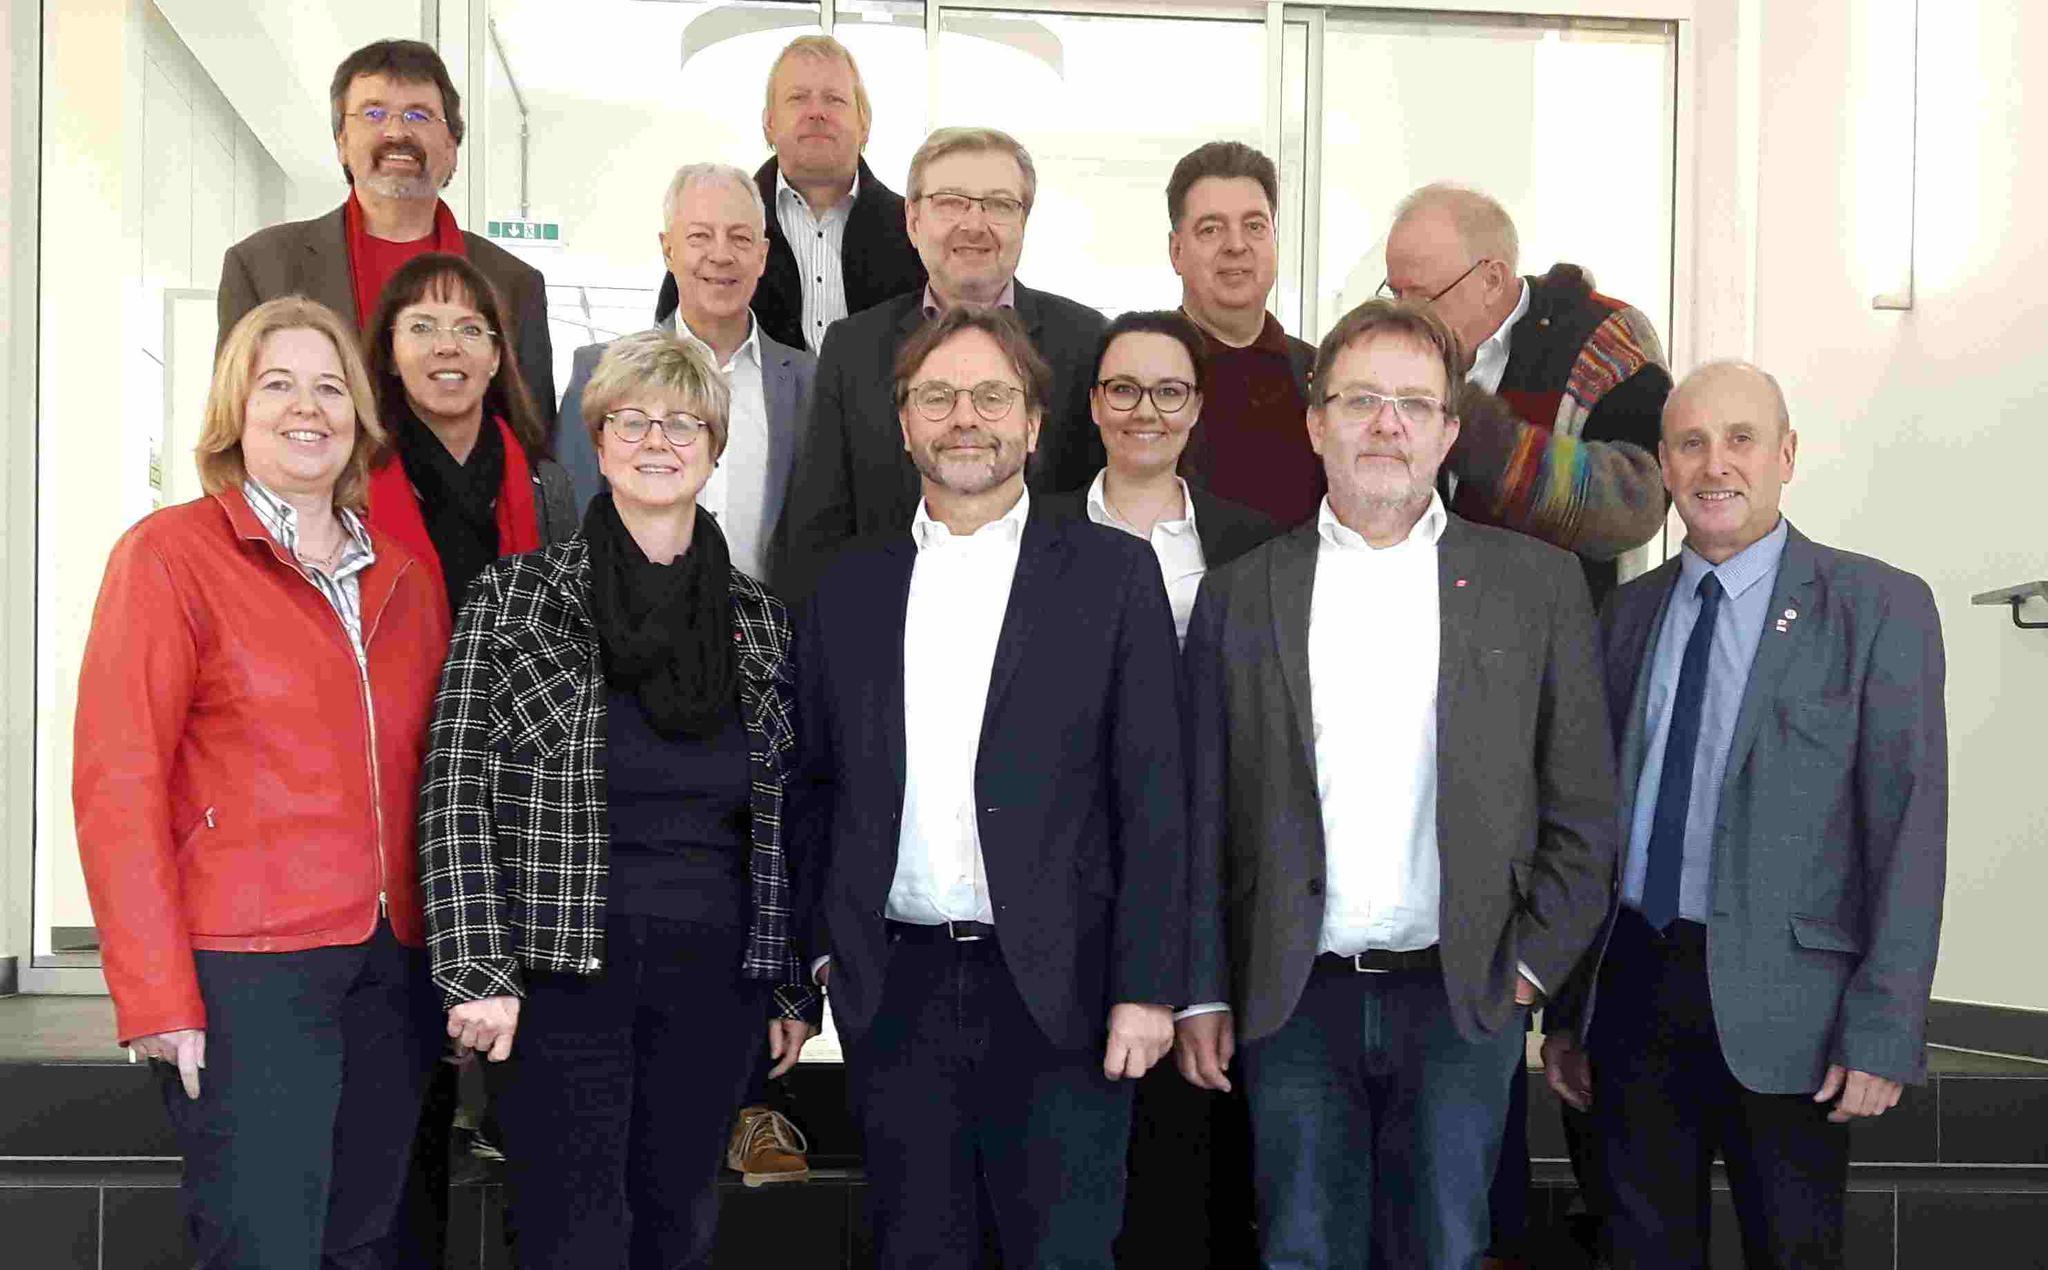 Gespräch DGB-Geschäftsführer und Bundestagsabgeordnete der SPD